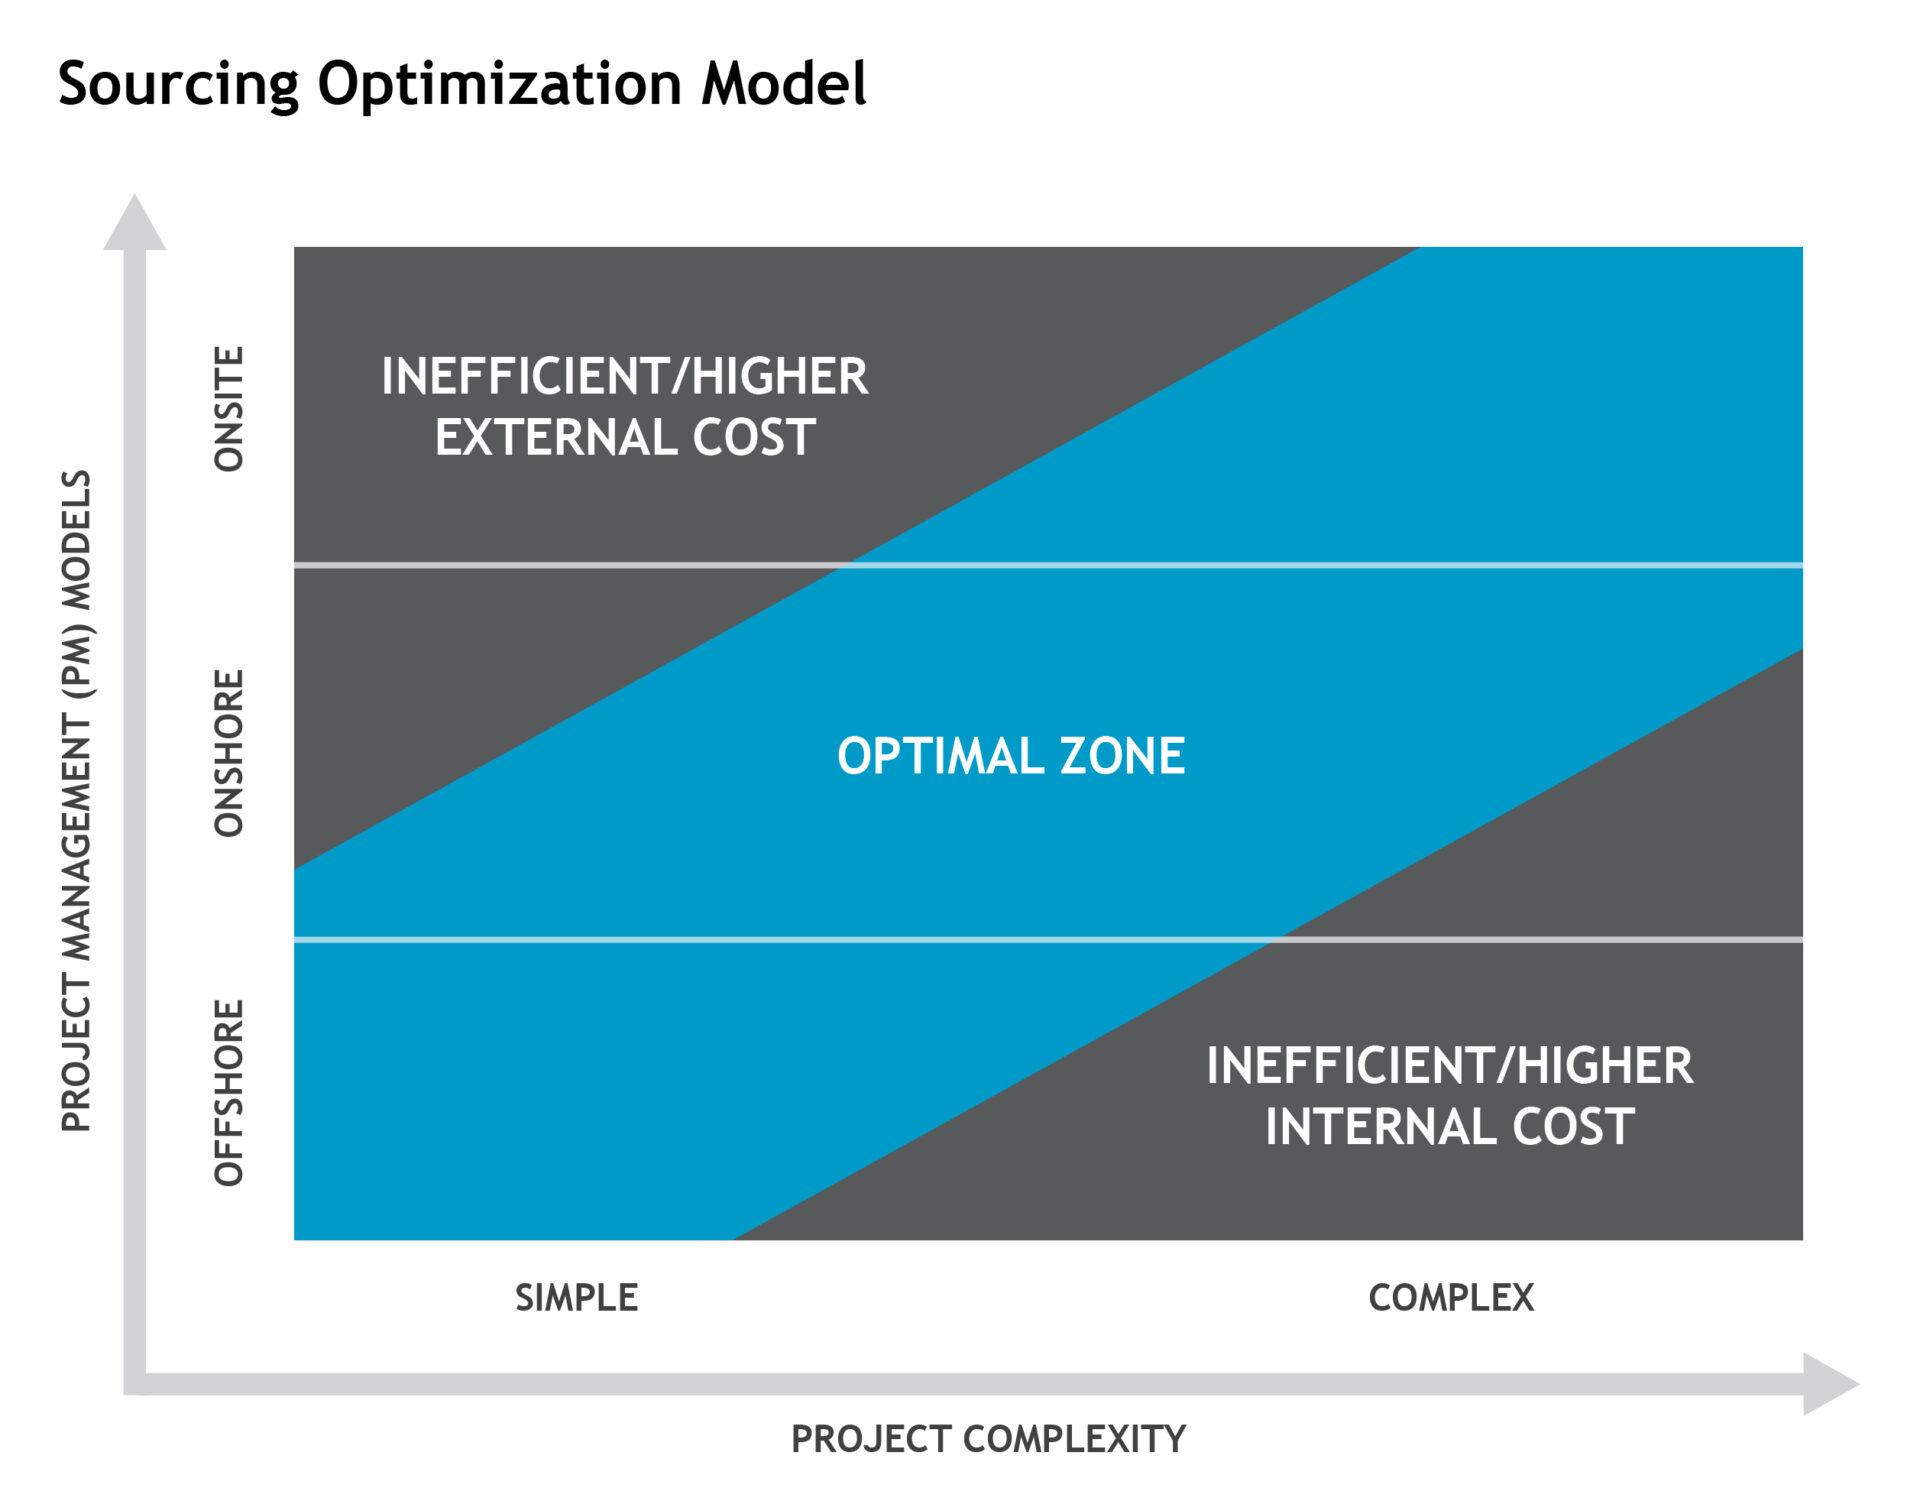 Sourcing Optimization Model